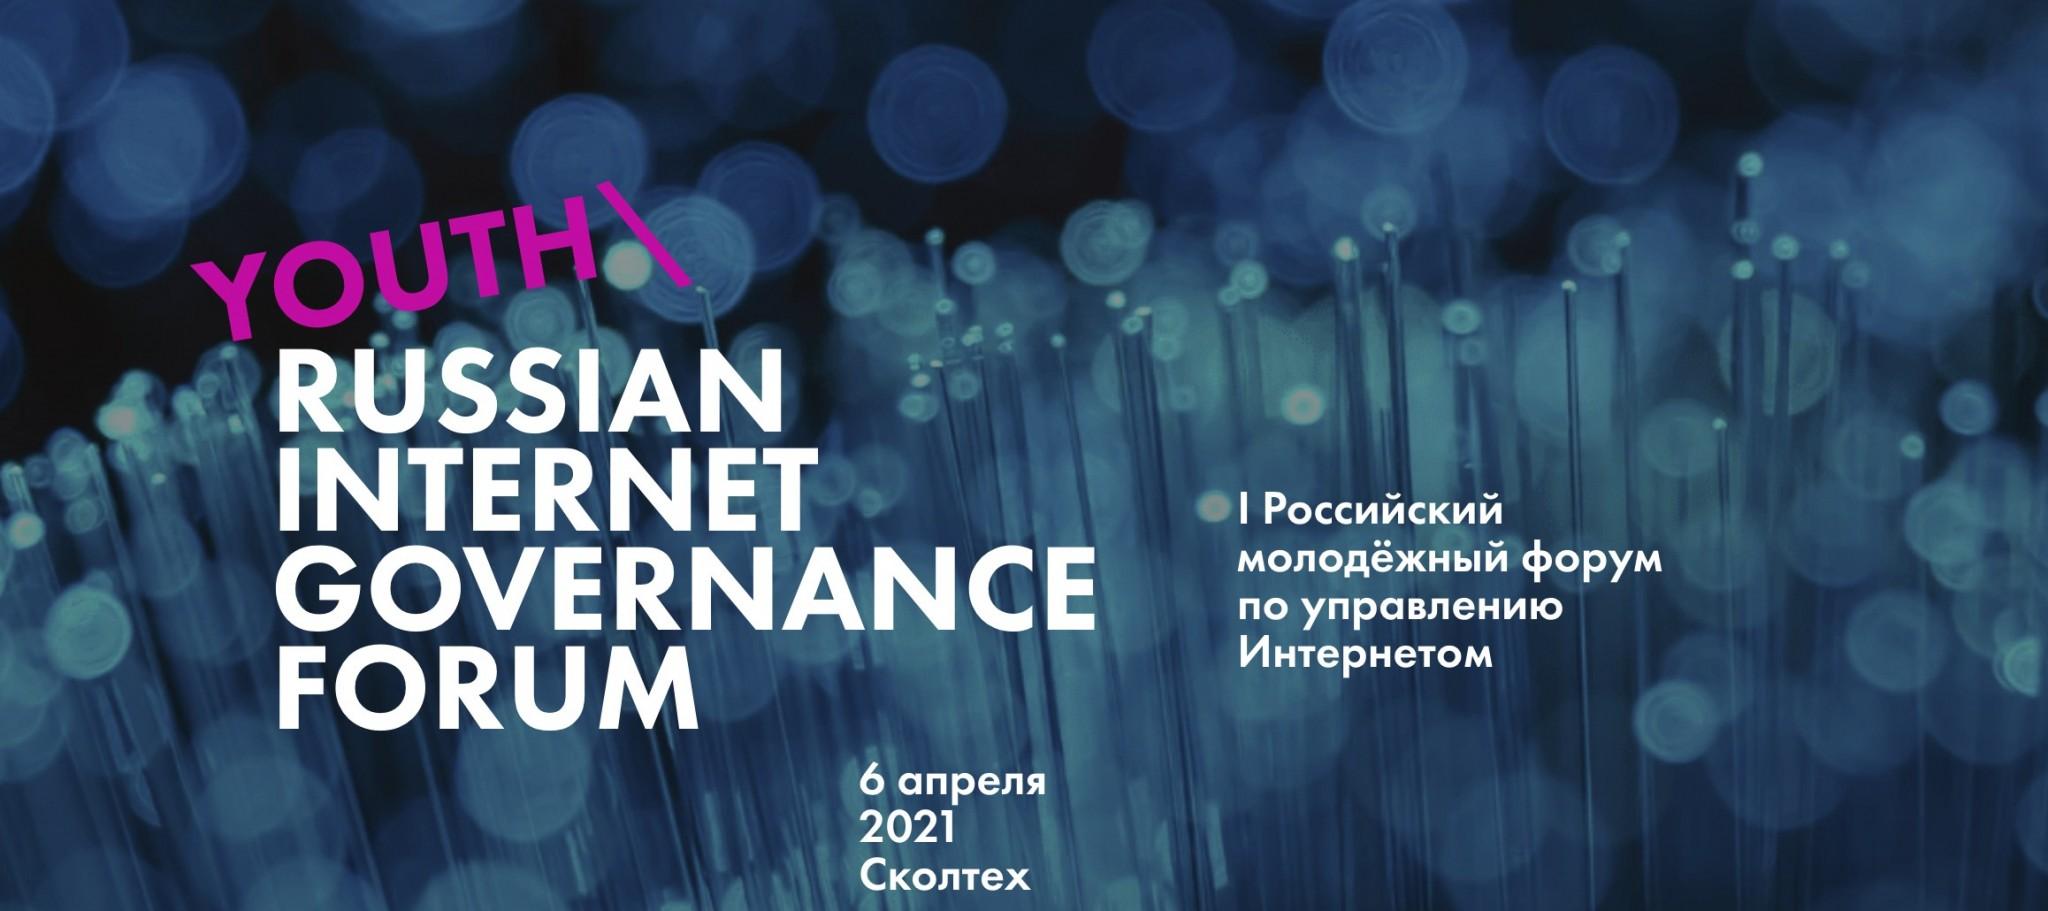 snimok-ekrana-2021-02-20-v-13-26-08